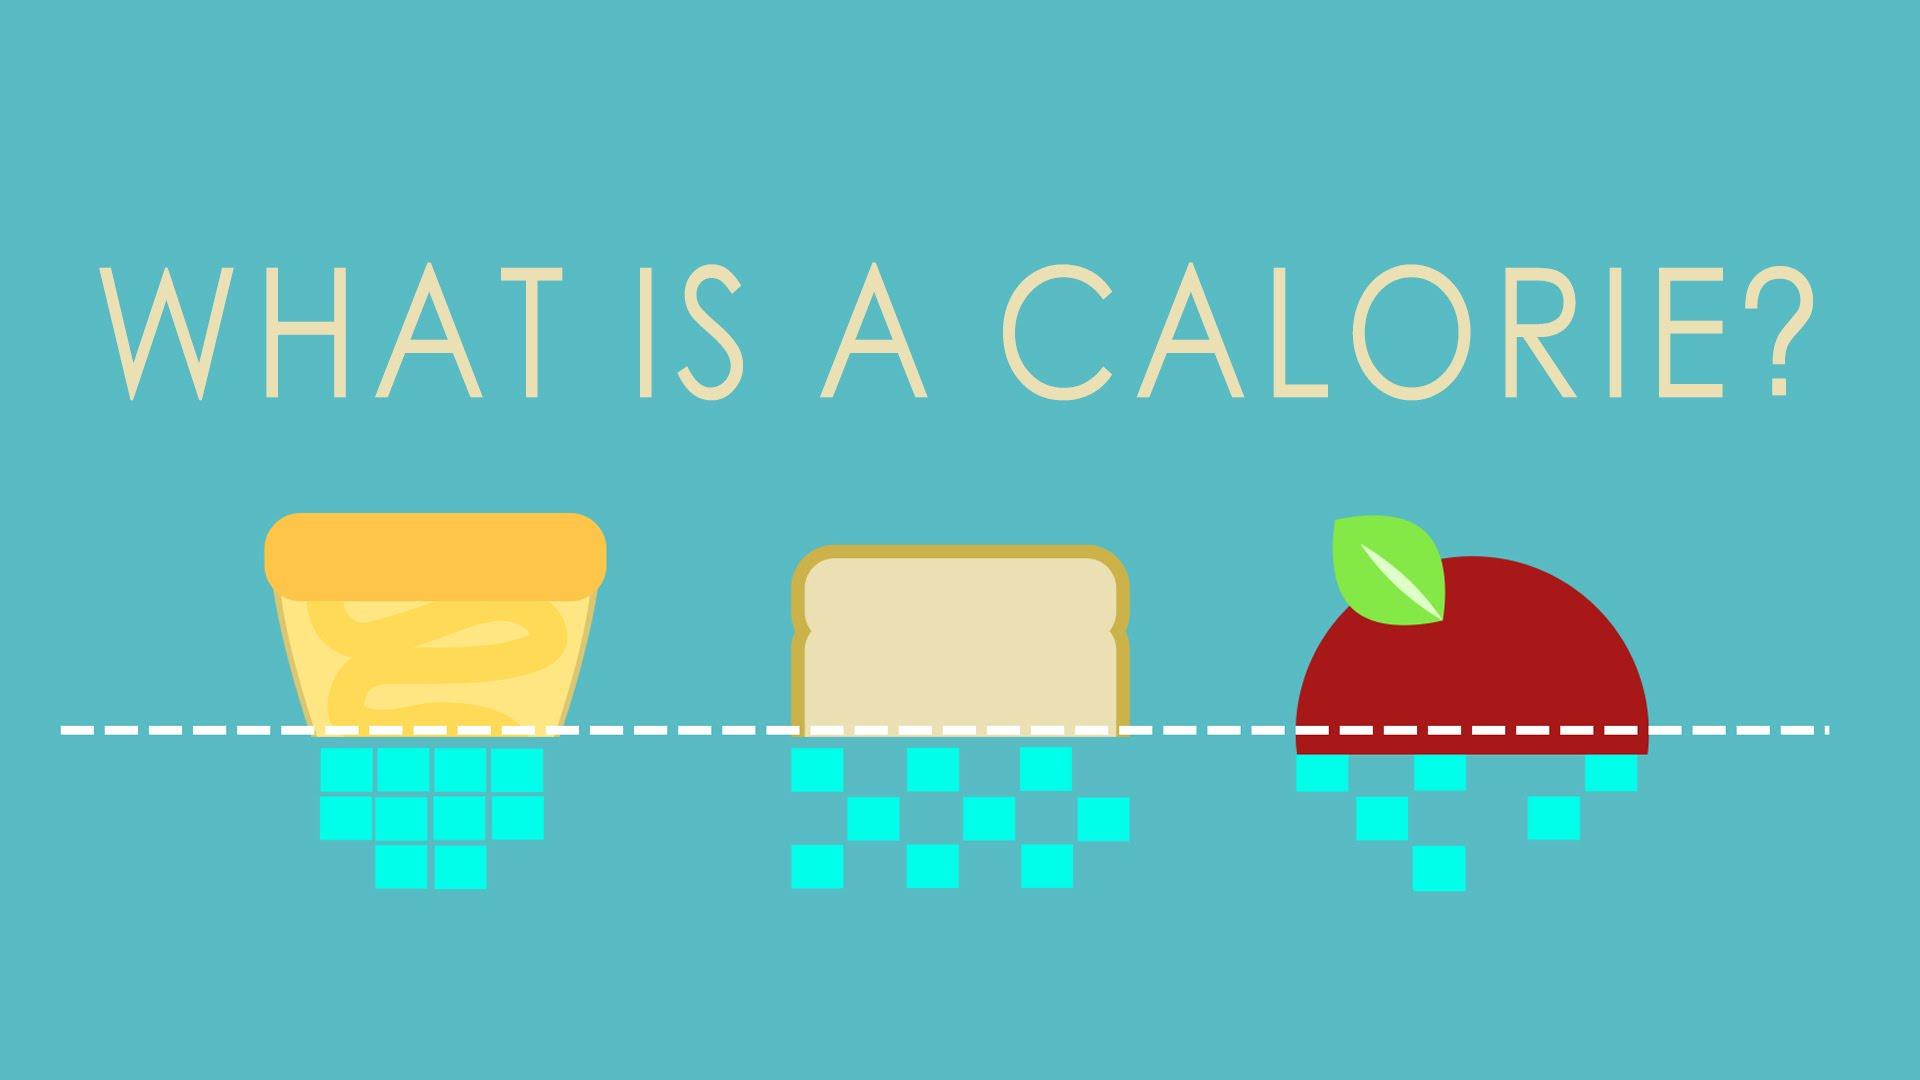 칼로리는 과연 신뢰할 만한 지표일까요?